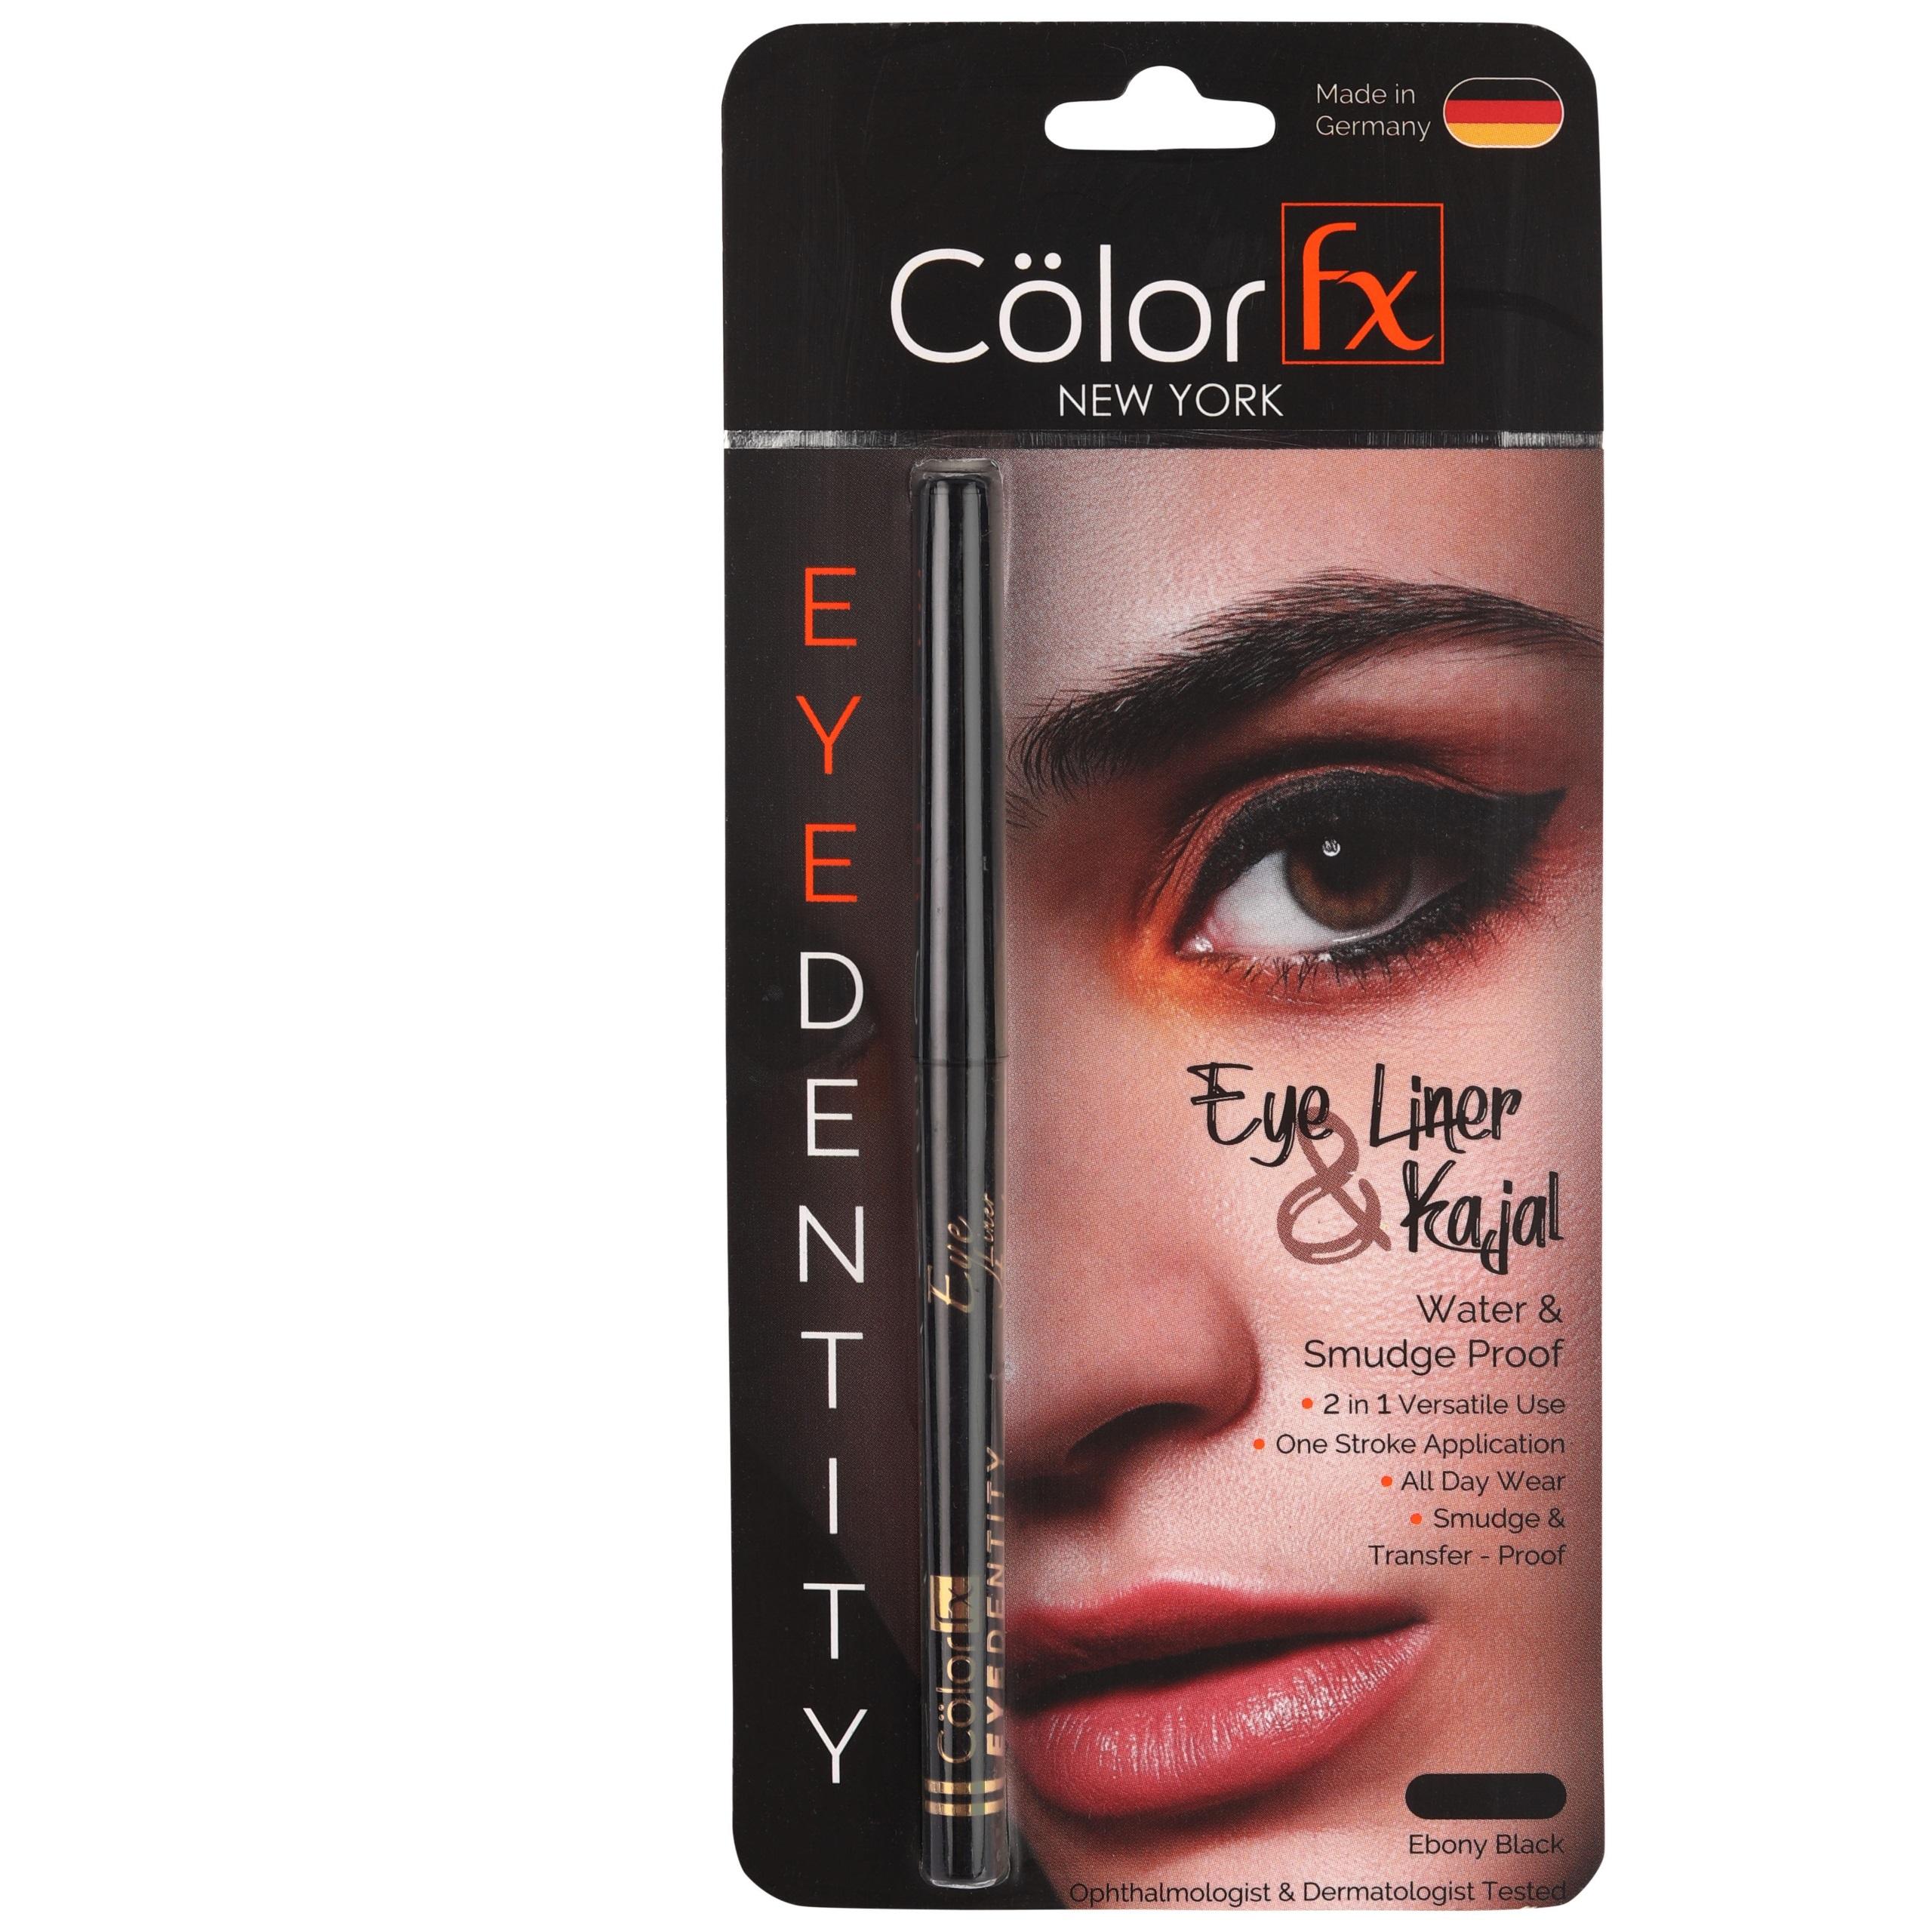 Color Fx | Color Fx Eyedentity 2 in 1 Kajal and Eyeliner